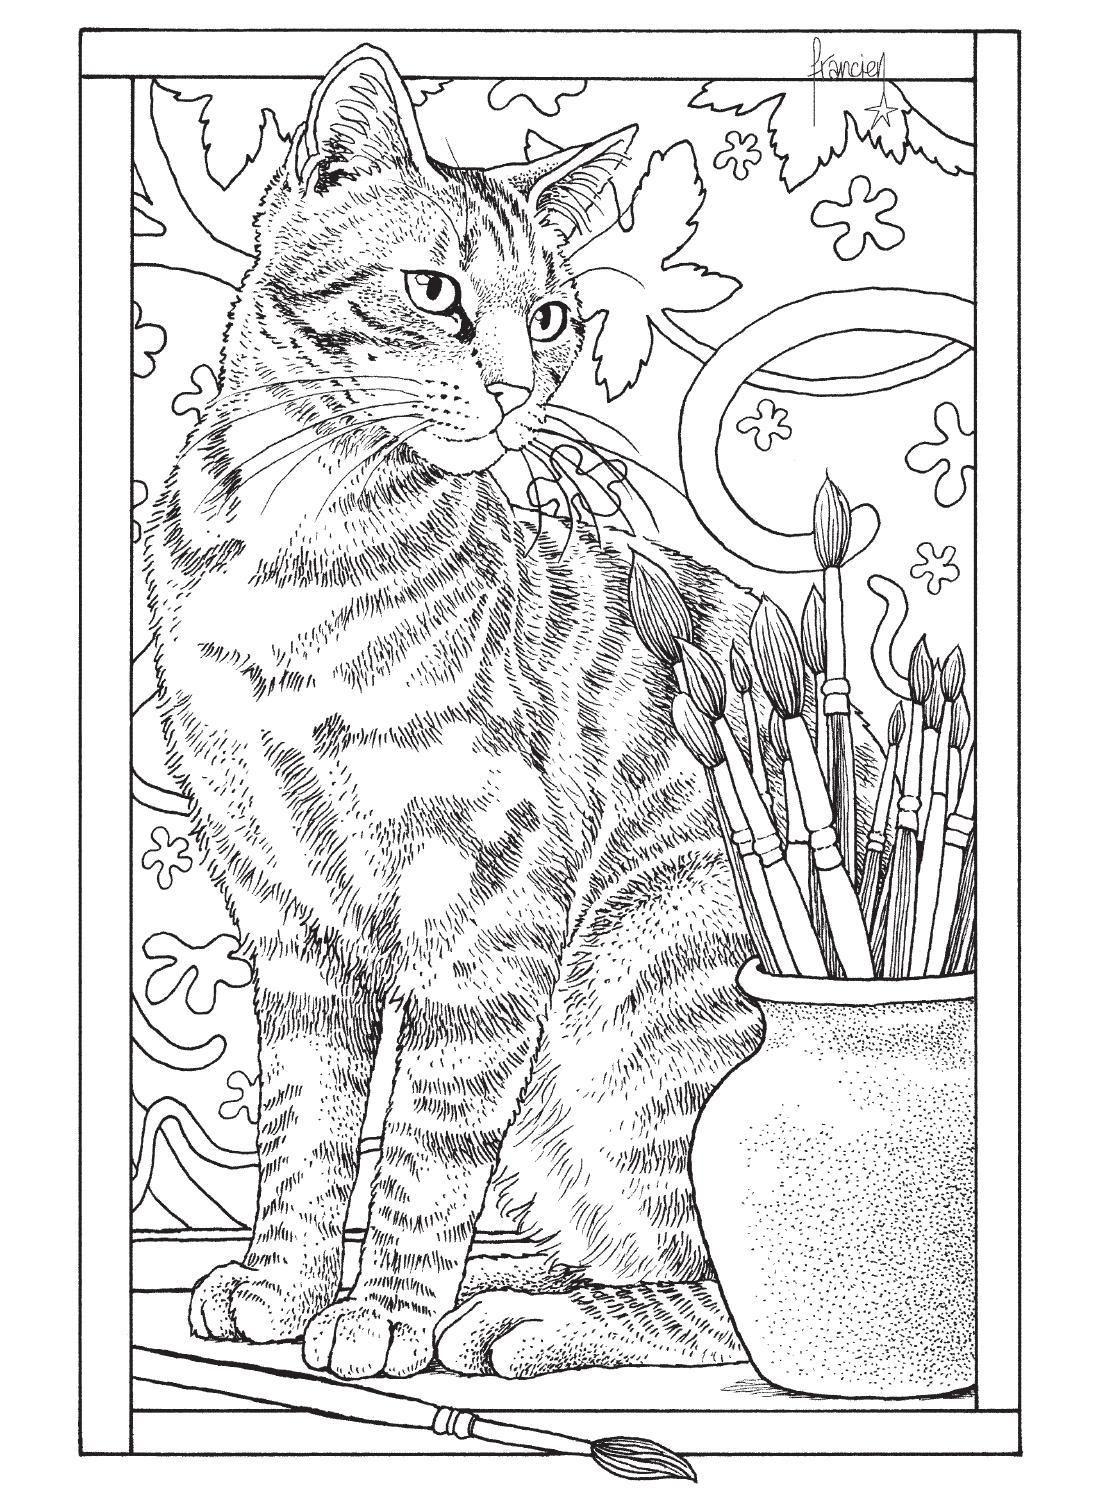 Inkijkexemplaar Franciens Kattenkleurboek Om Te Versturen Francien Van Westering Cat Coloring Book Coloring Books Animal Coloring Pages